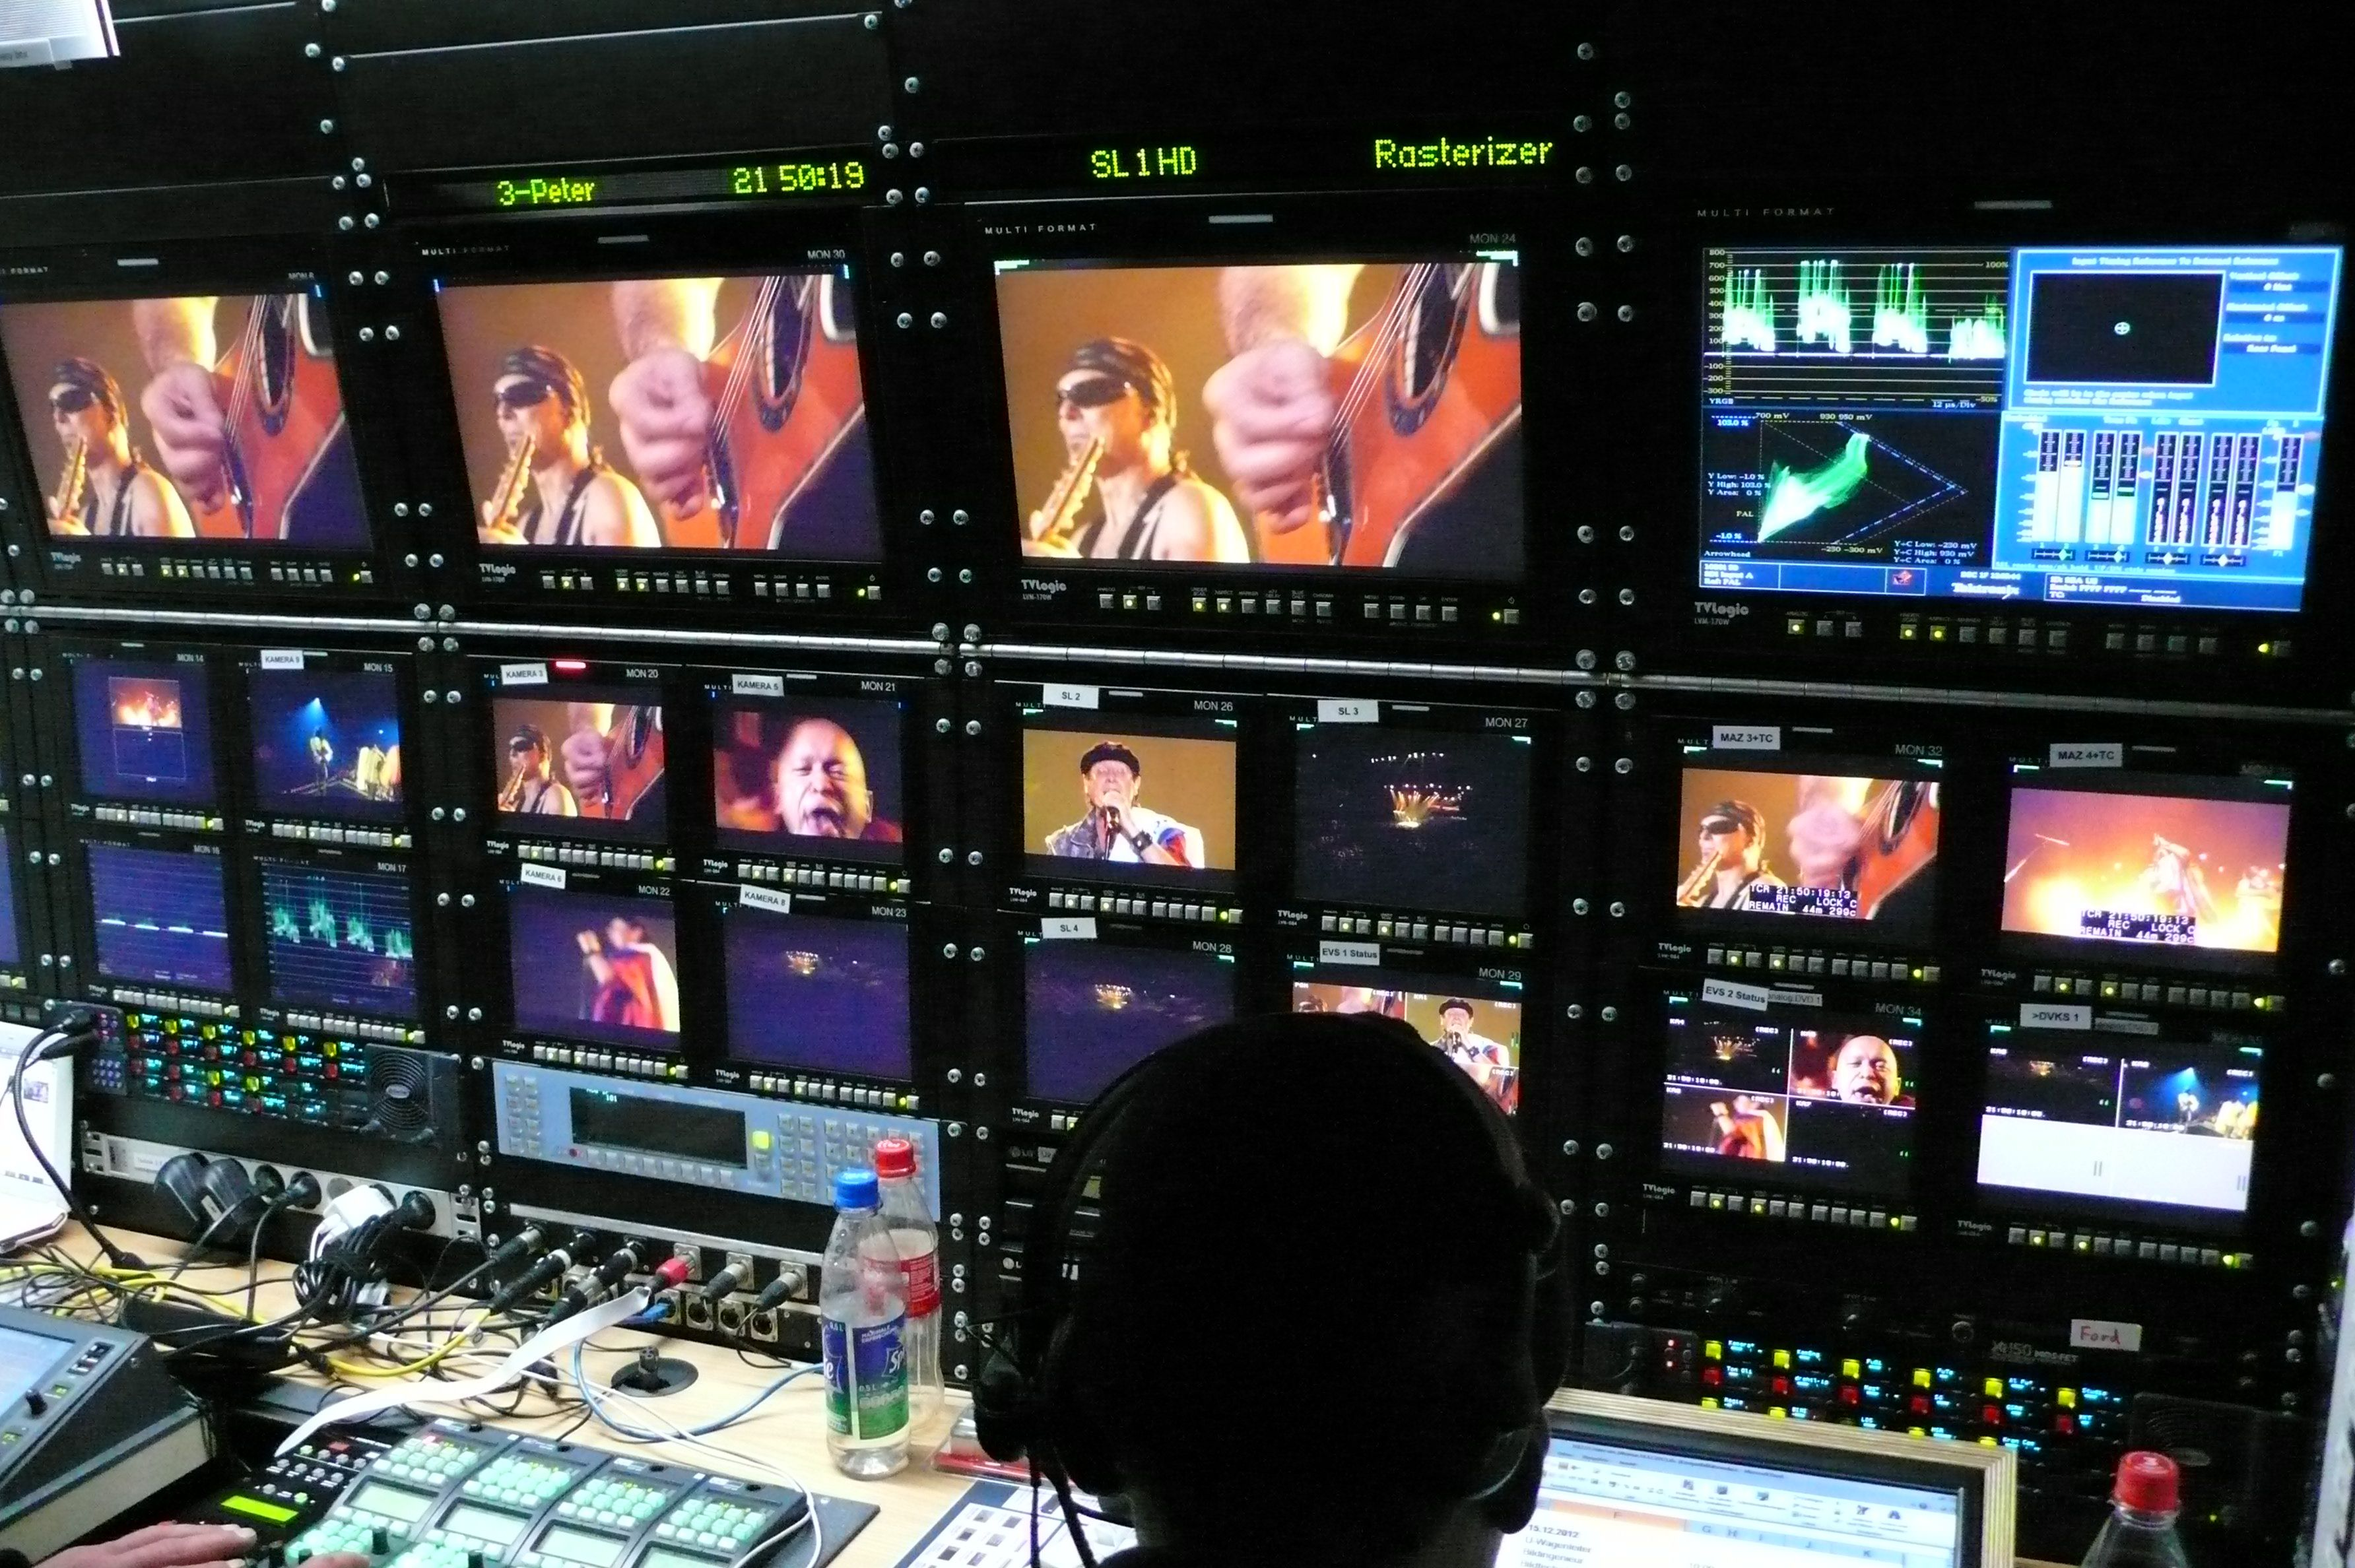 Deutsche Welle OB van OB Van Broadcast